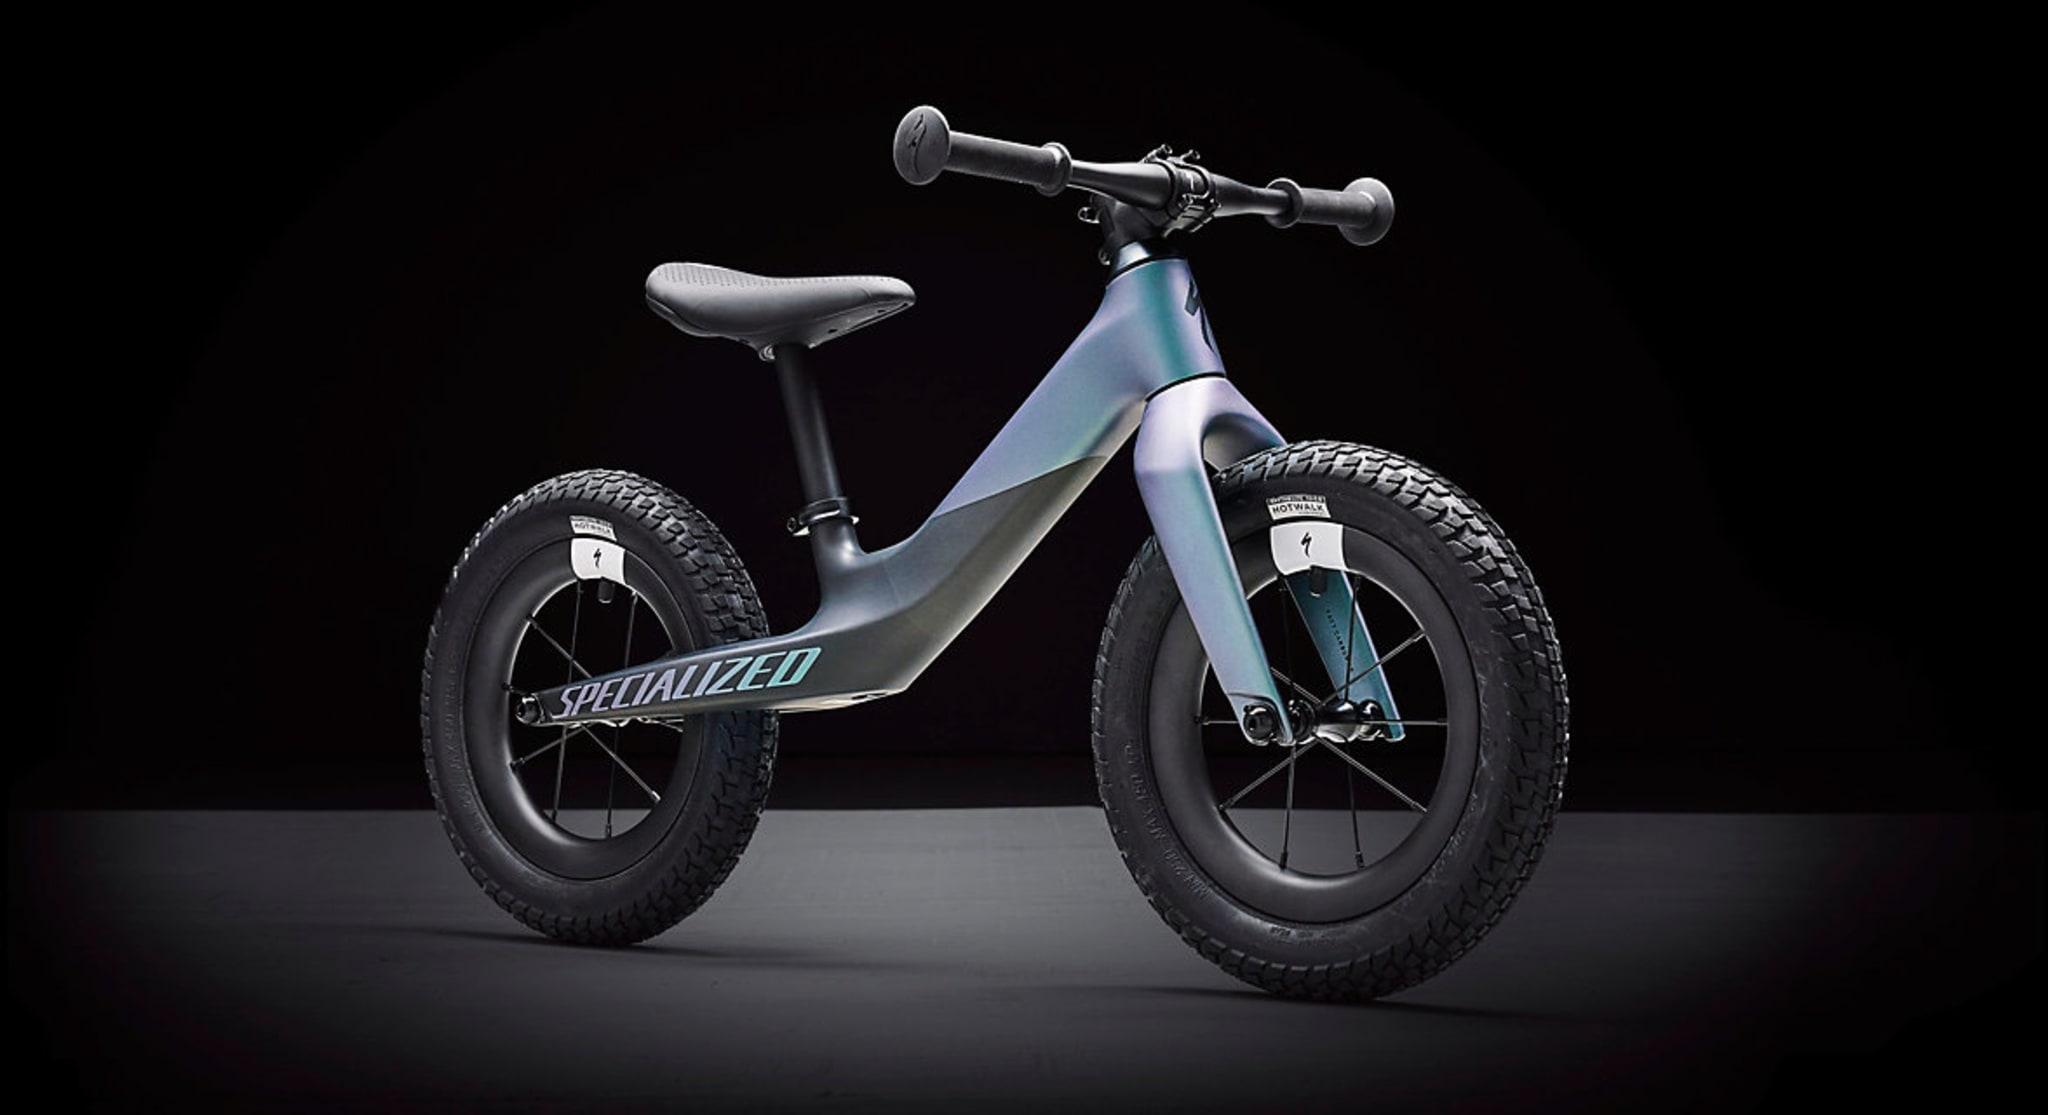 Verdens kuleste sykkel? 2.1 kg!